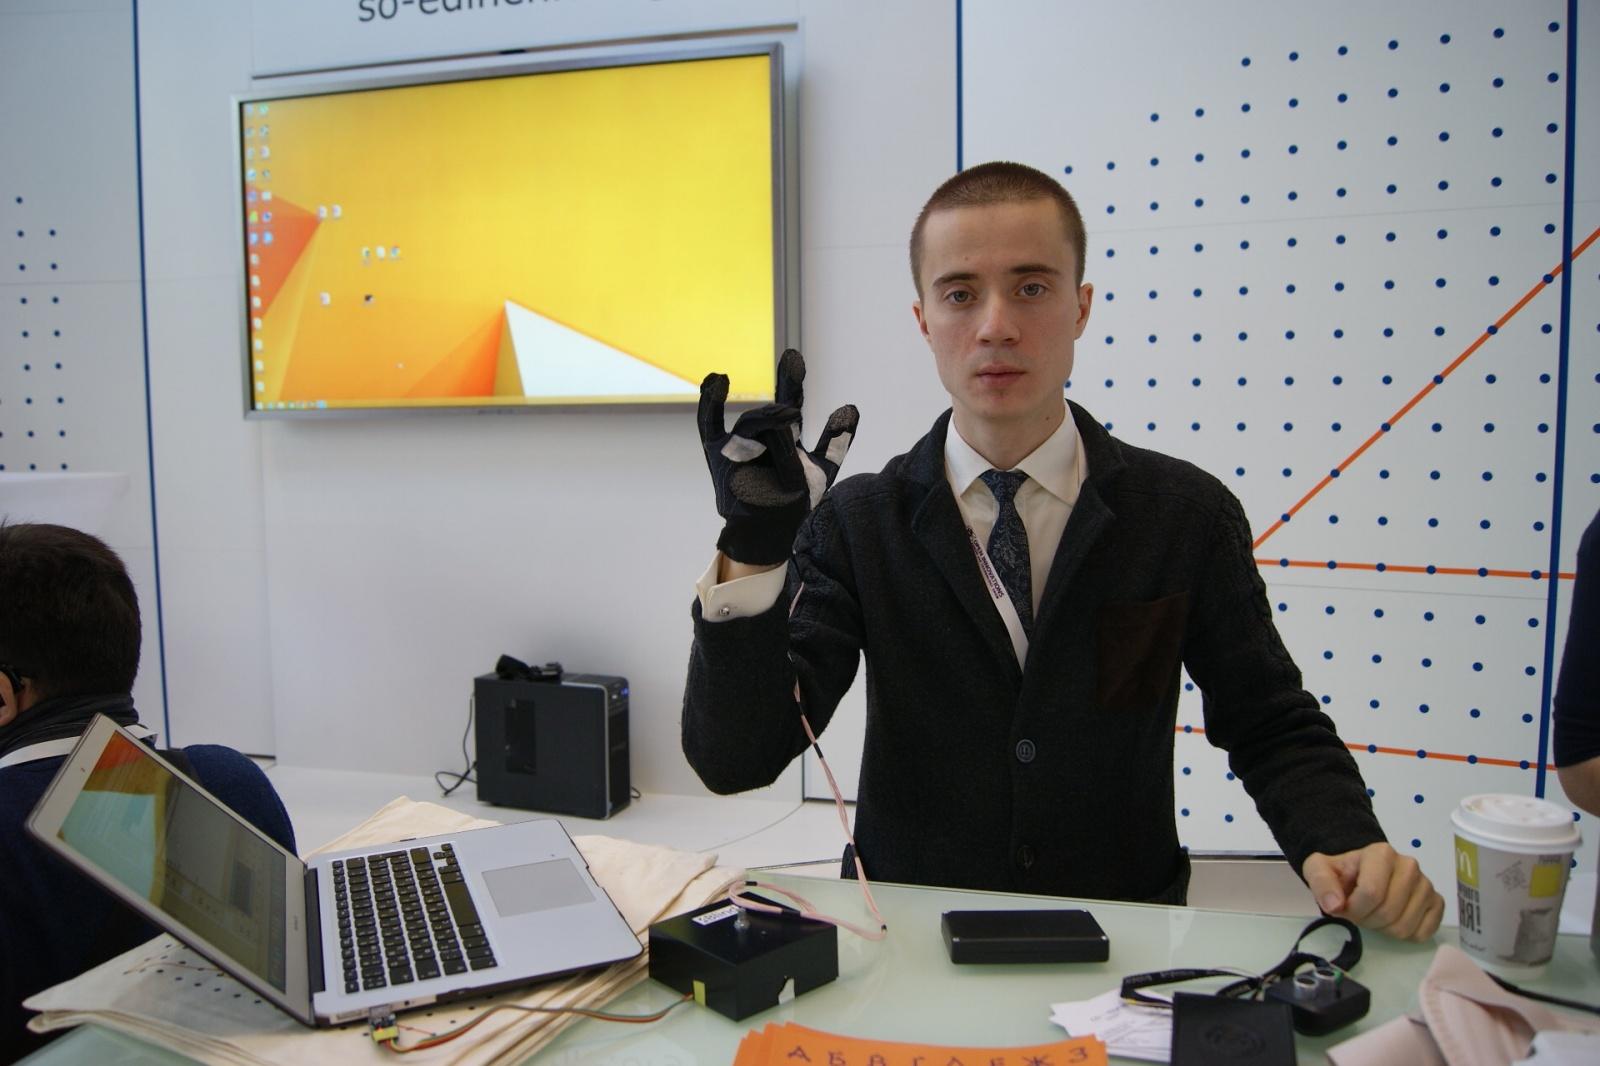 Как слепоглухие могут общаться в мессенджерах? Перчатка и рукав Брайля - 1